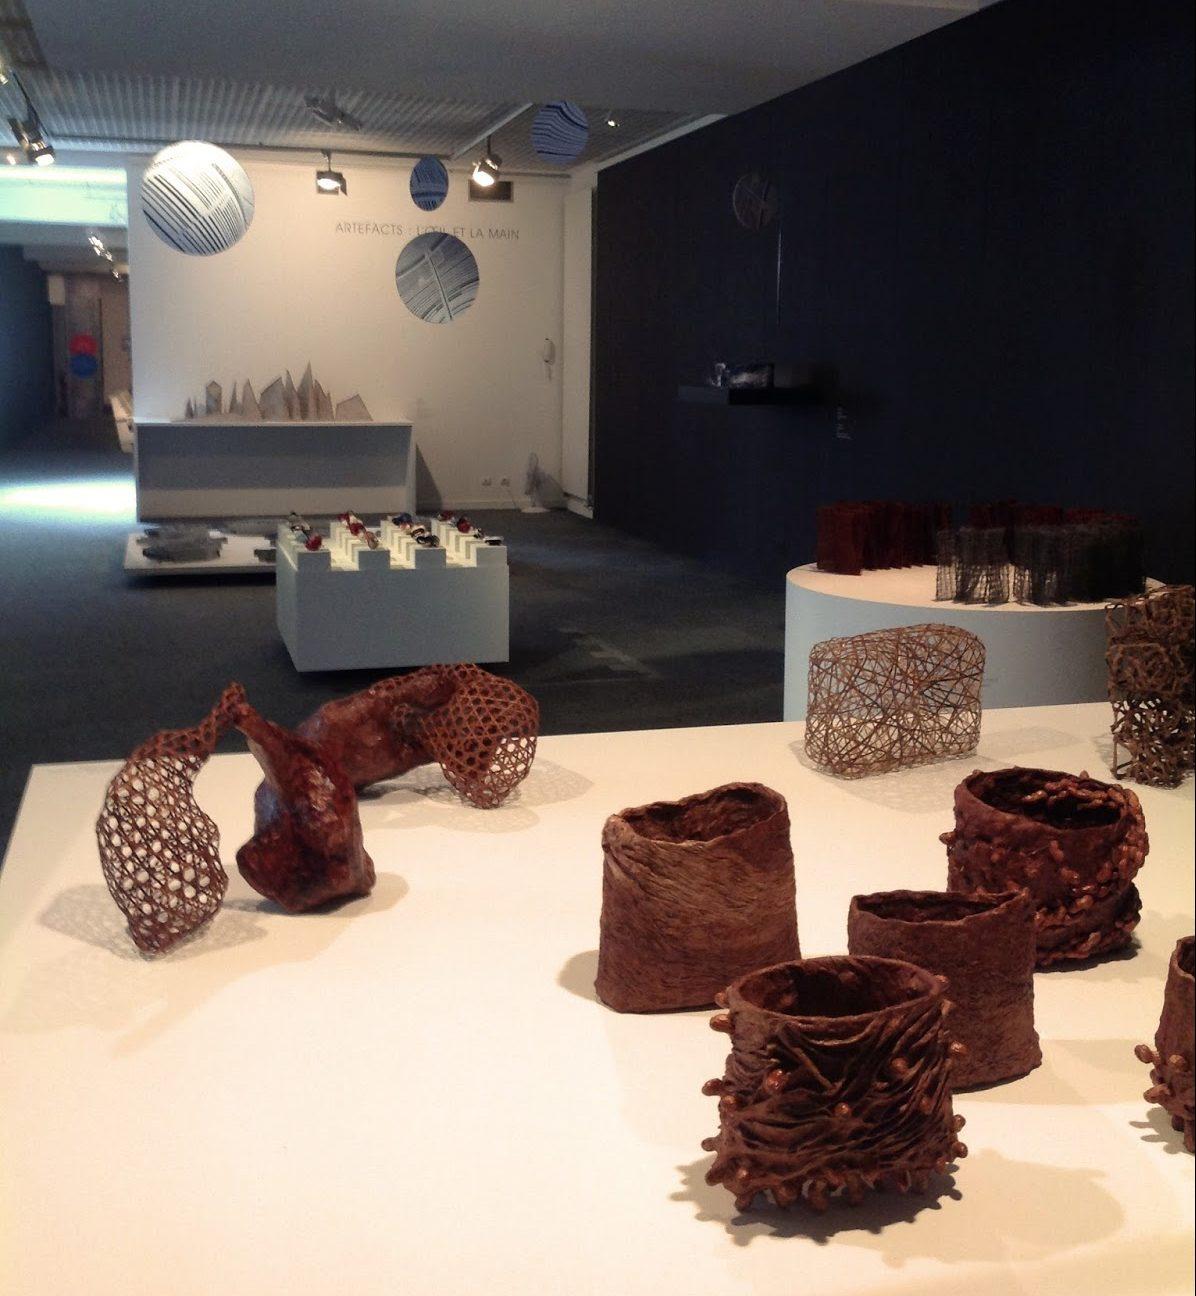 Asia-Europe Fiber Art III - Overzichtsfoto tentoonstelling in het Jean Lurçat Museum, Angers, Frankrijk - 2015.